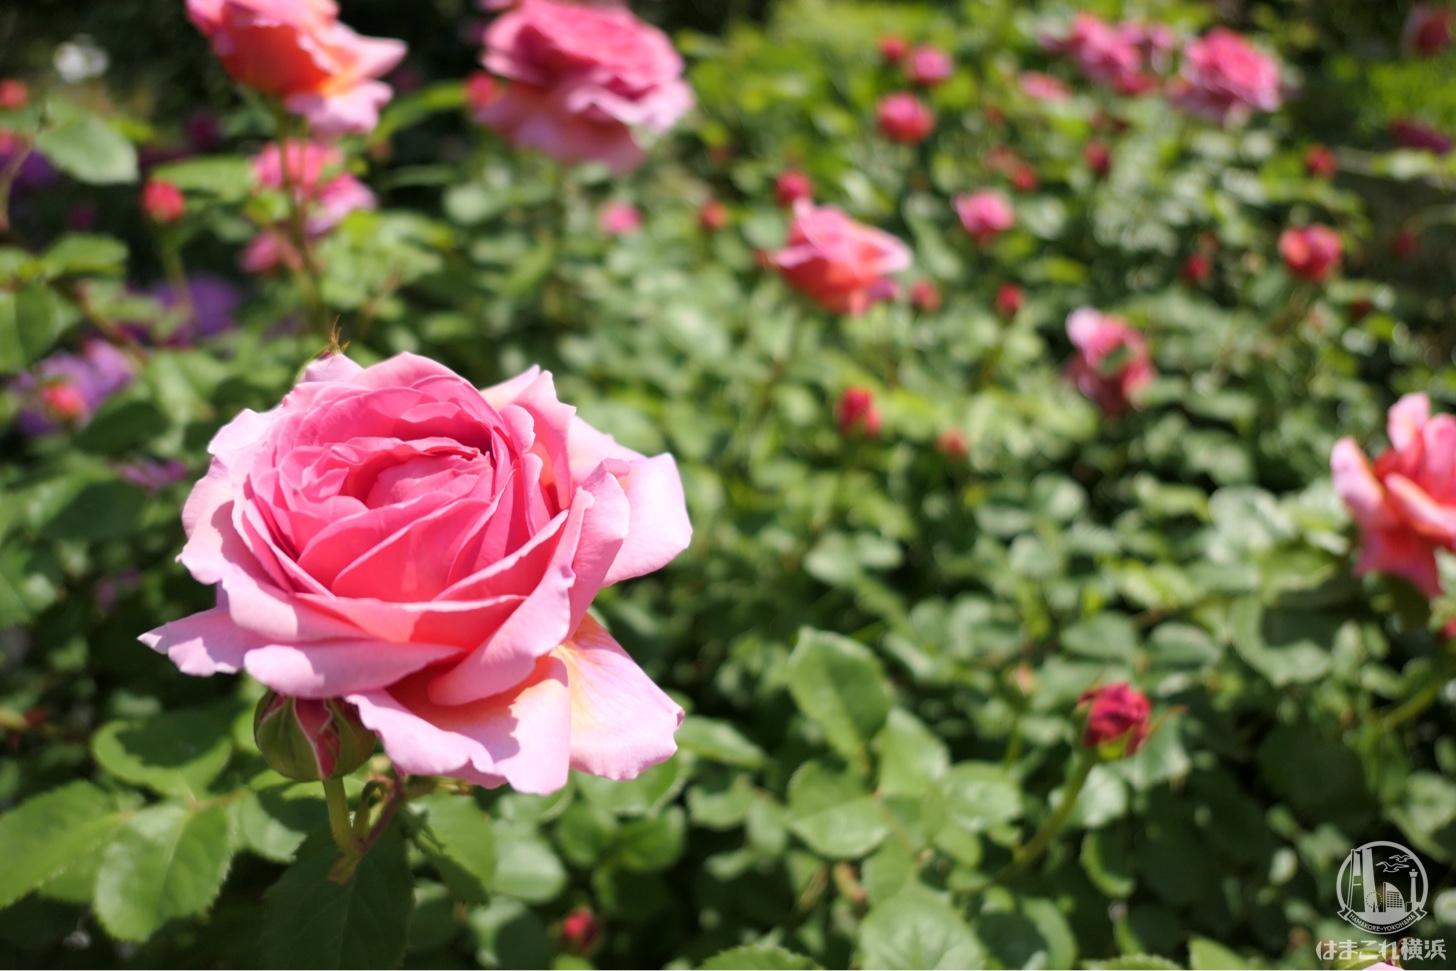 横浜イングリッシュガーデン 白とピンクのバラ